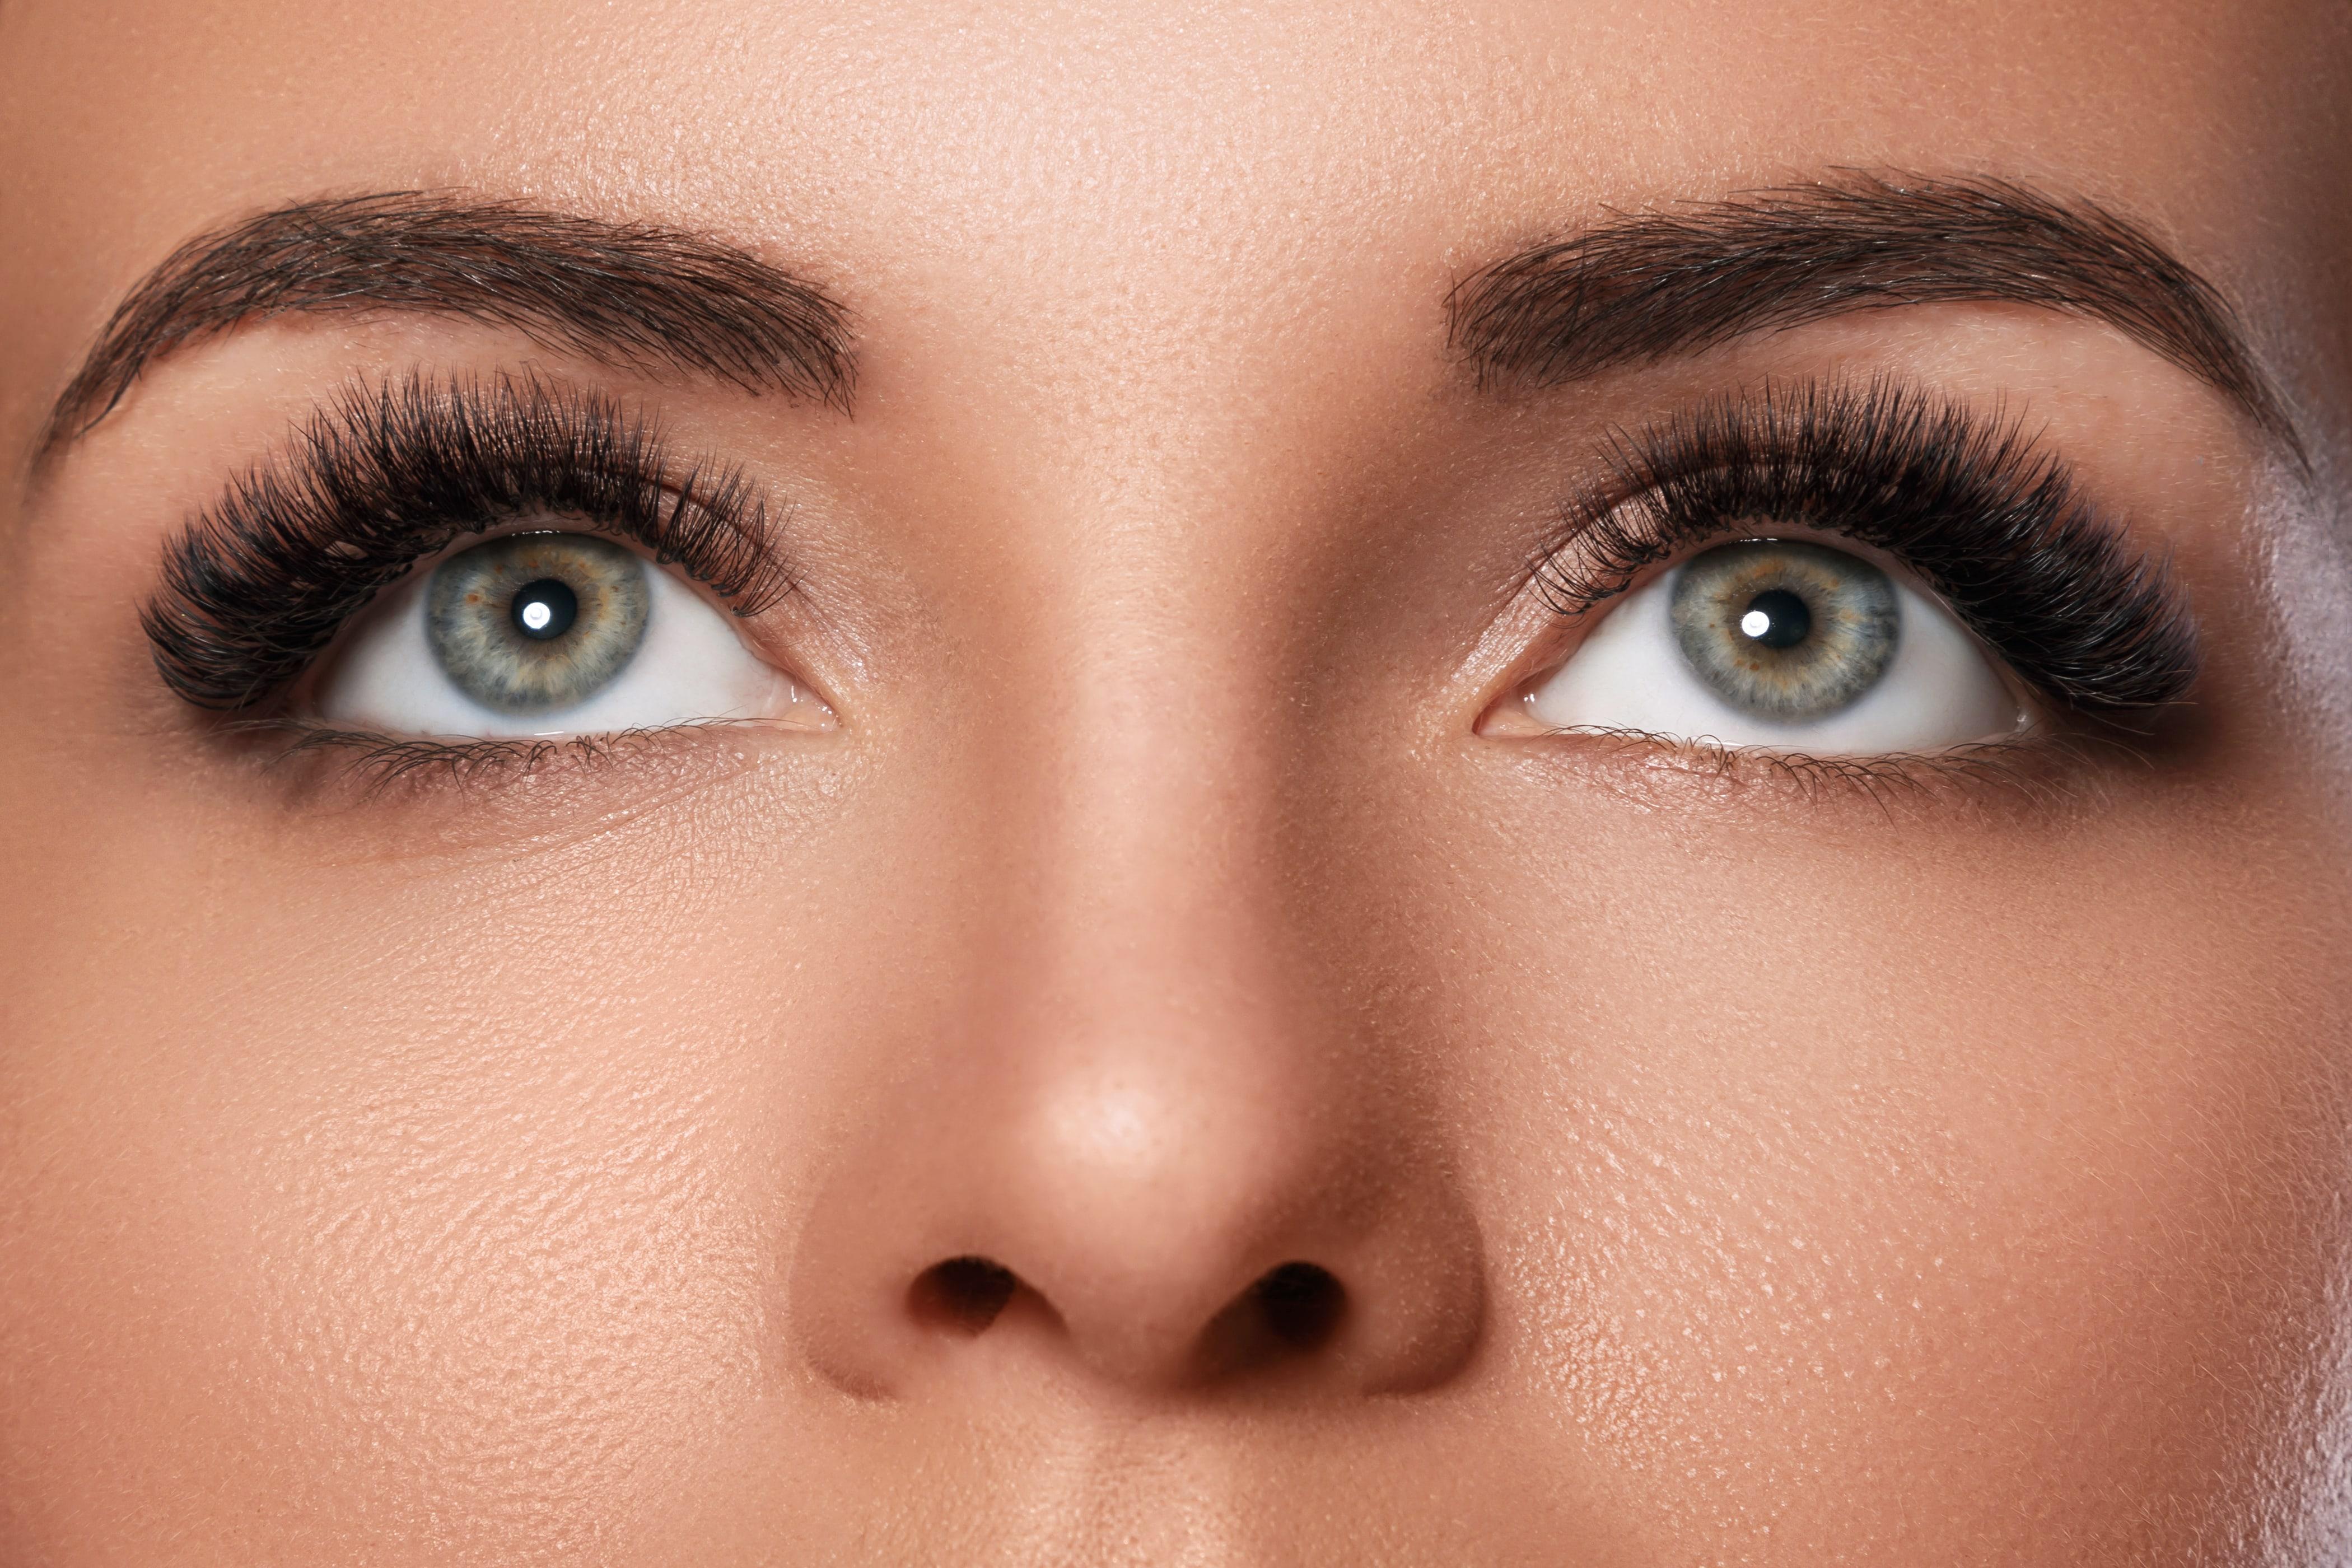 Why do people use eyelash products?